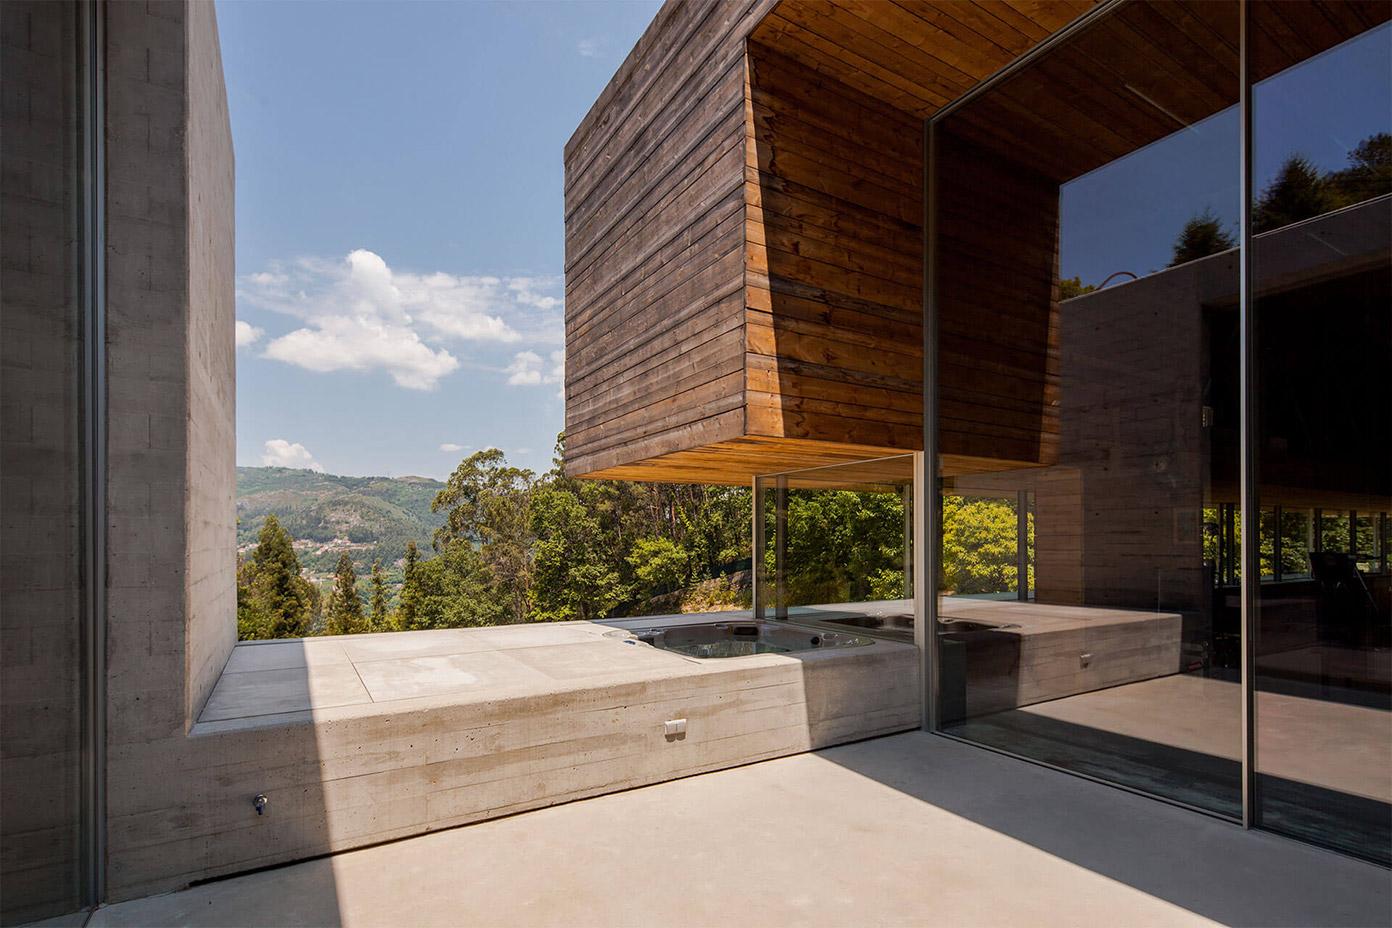 Gerês House by architecture studio Carvalho Araújo